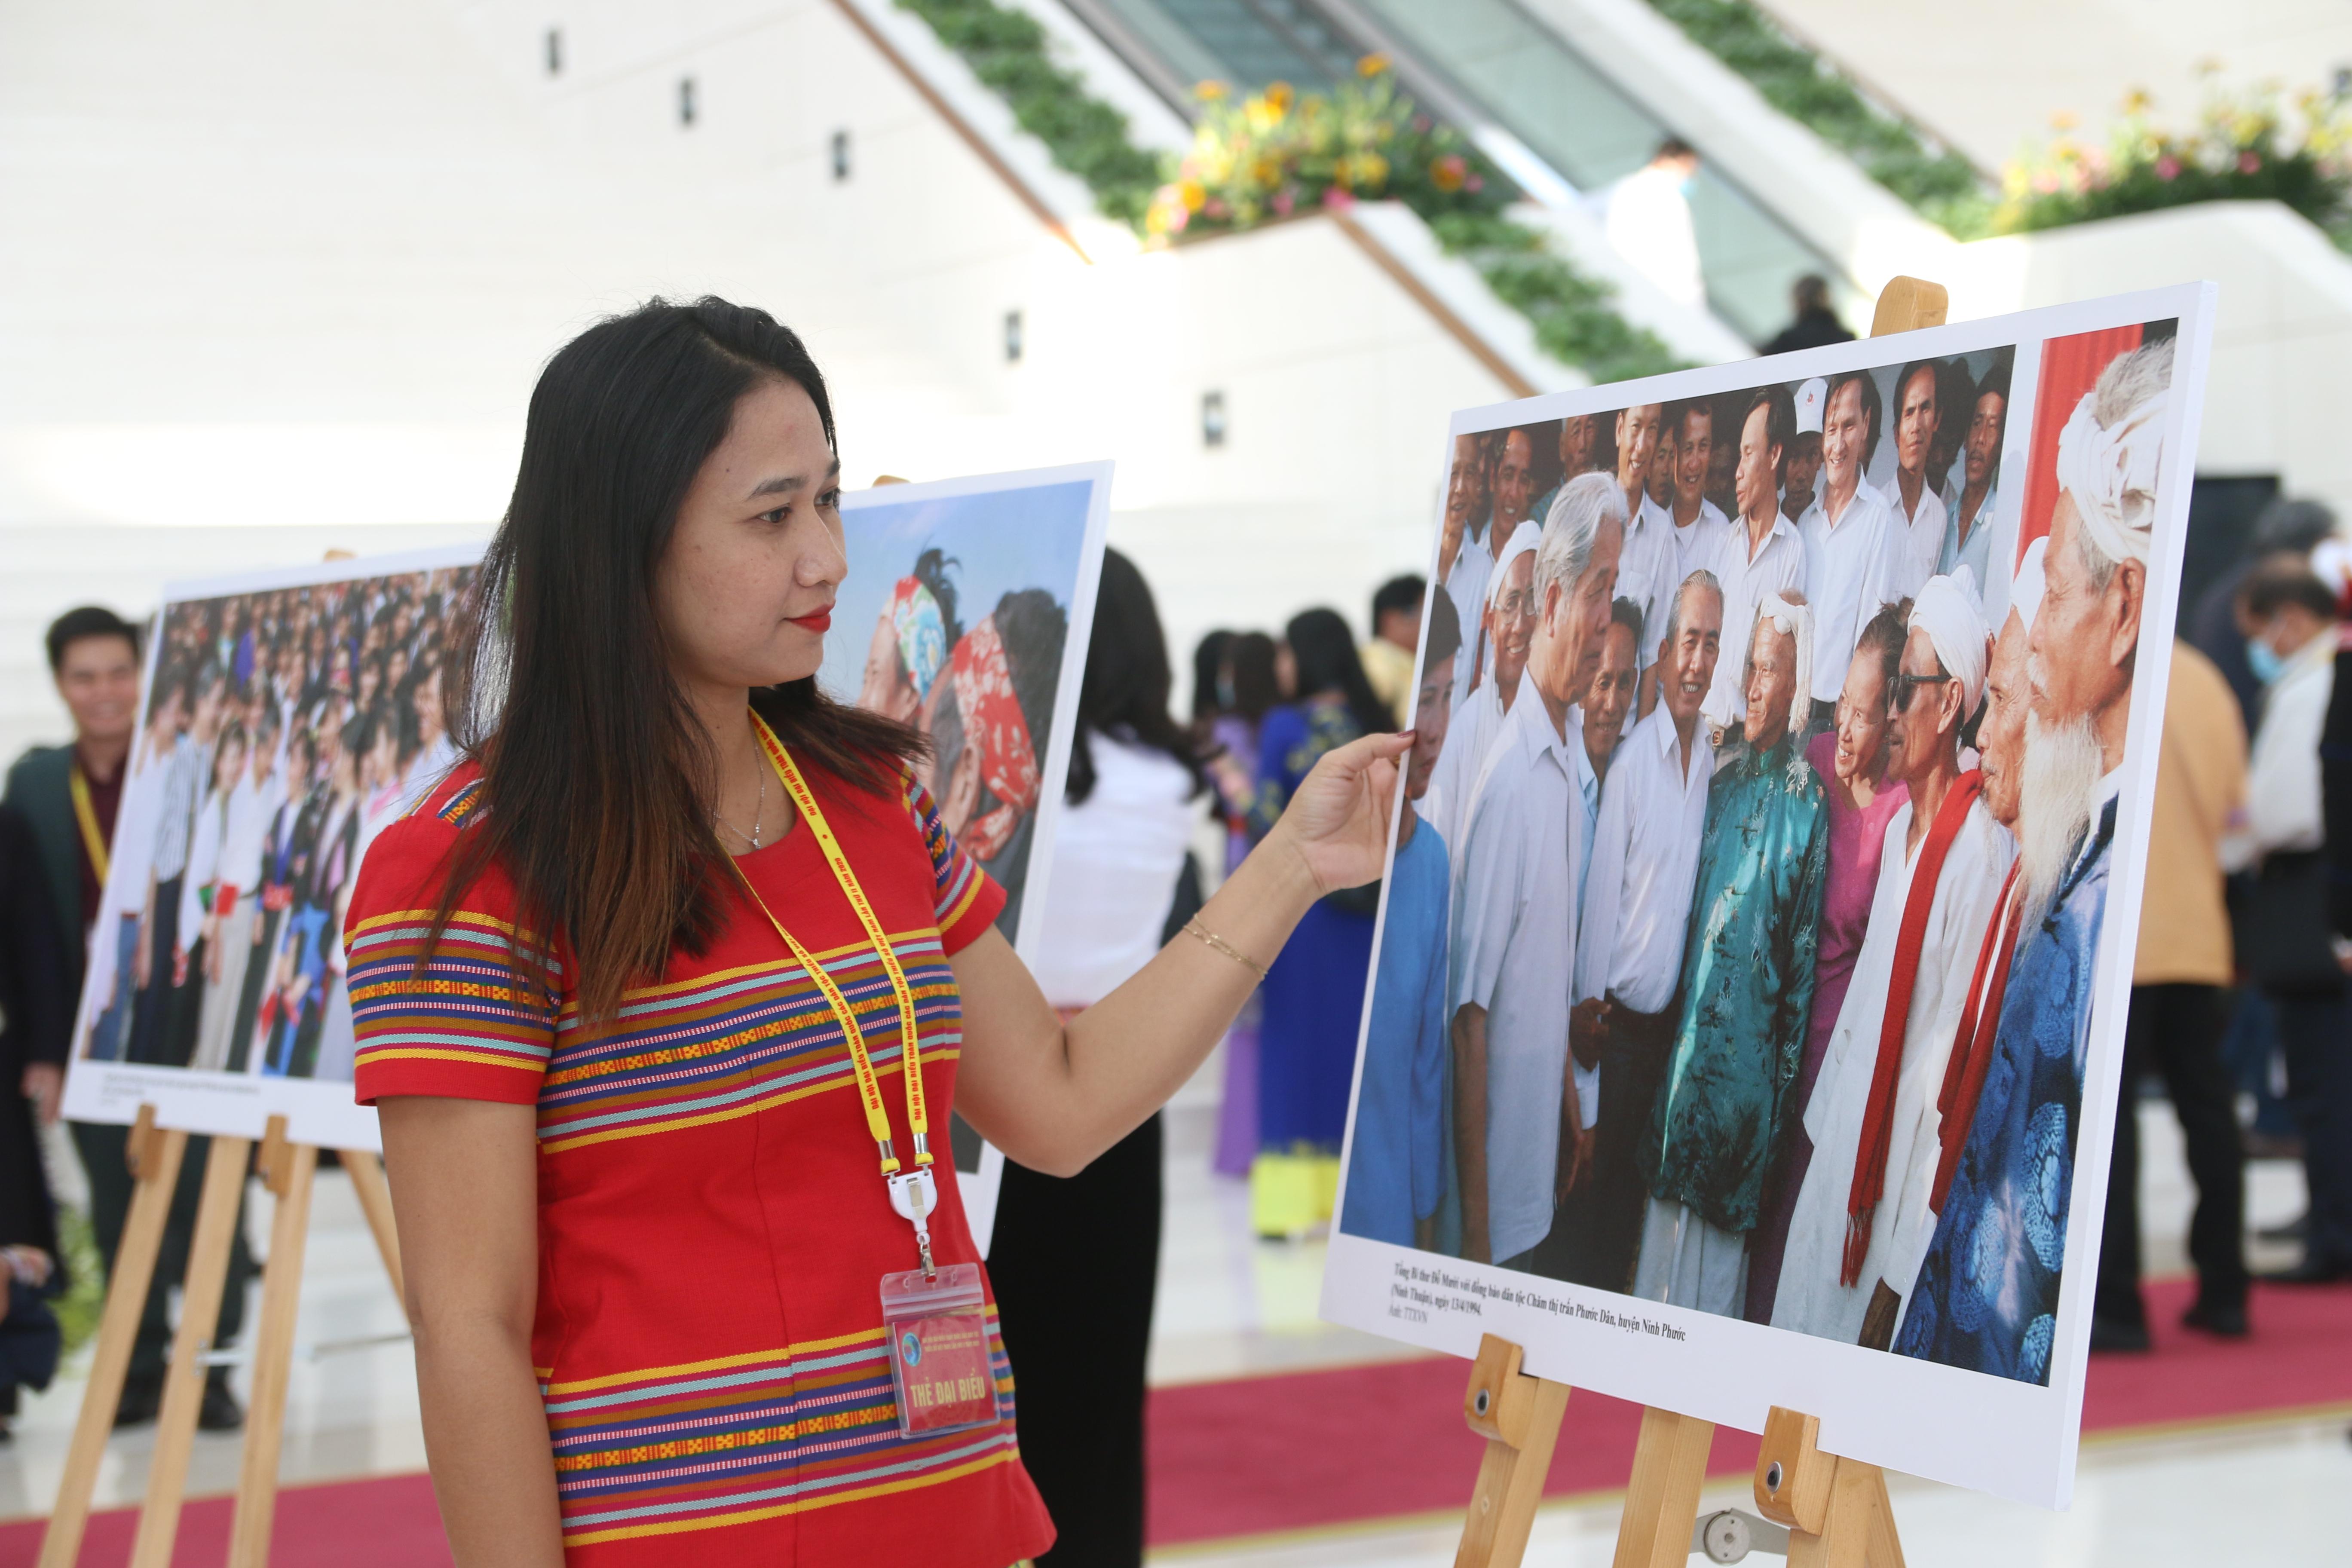 Chị Mai Thị Ngọc Dung tham dự Đại hội Đại biểu Toàn quốc các dân tộc thiểu số Việt Nam lần thứ II, diễn ra tại Hà Nội